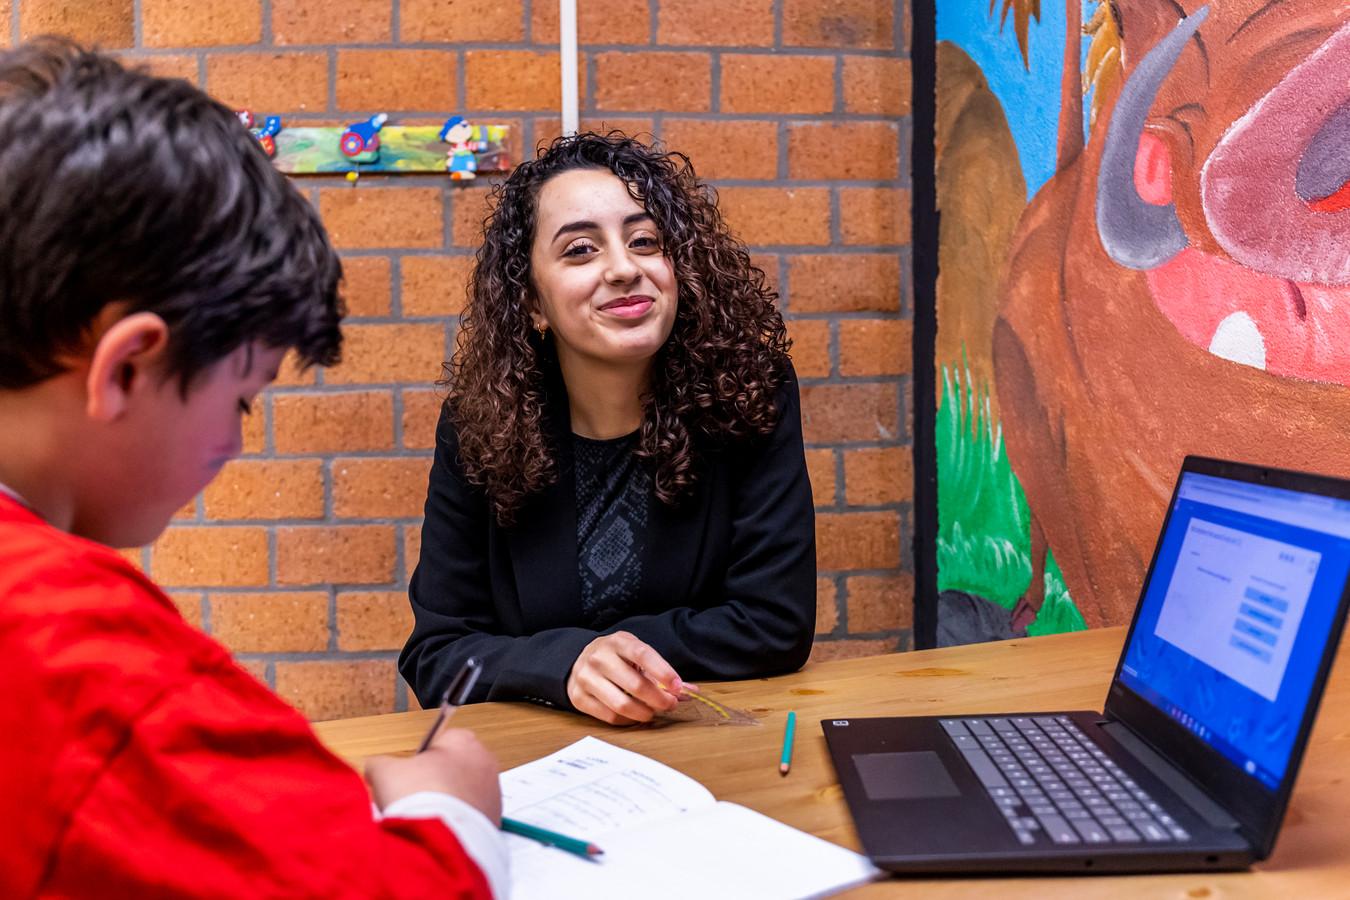 De 17-jarige Nour el Ghezaoui uit Utrecht tijdens huiswerkbegeleiding in Zeist. Ze is genomineerd voor de Young Impact Awards.